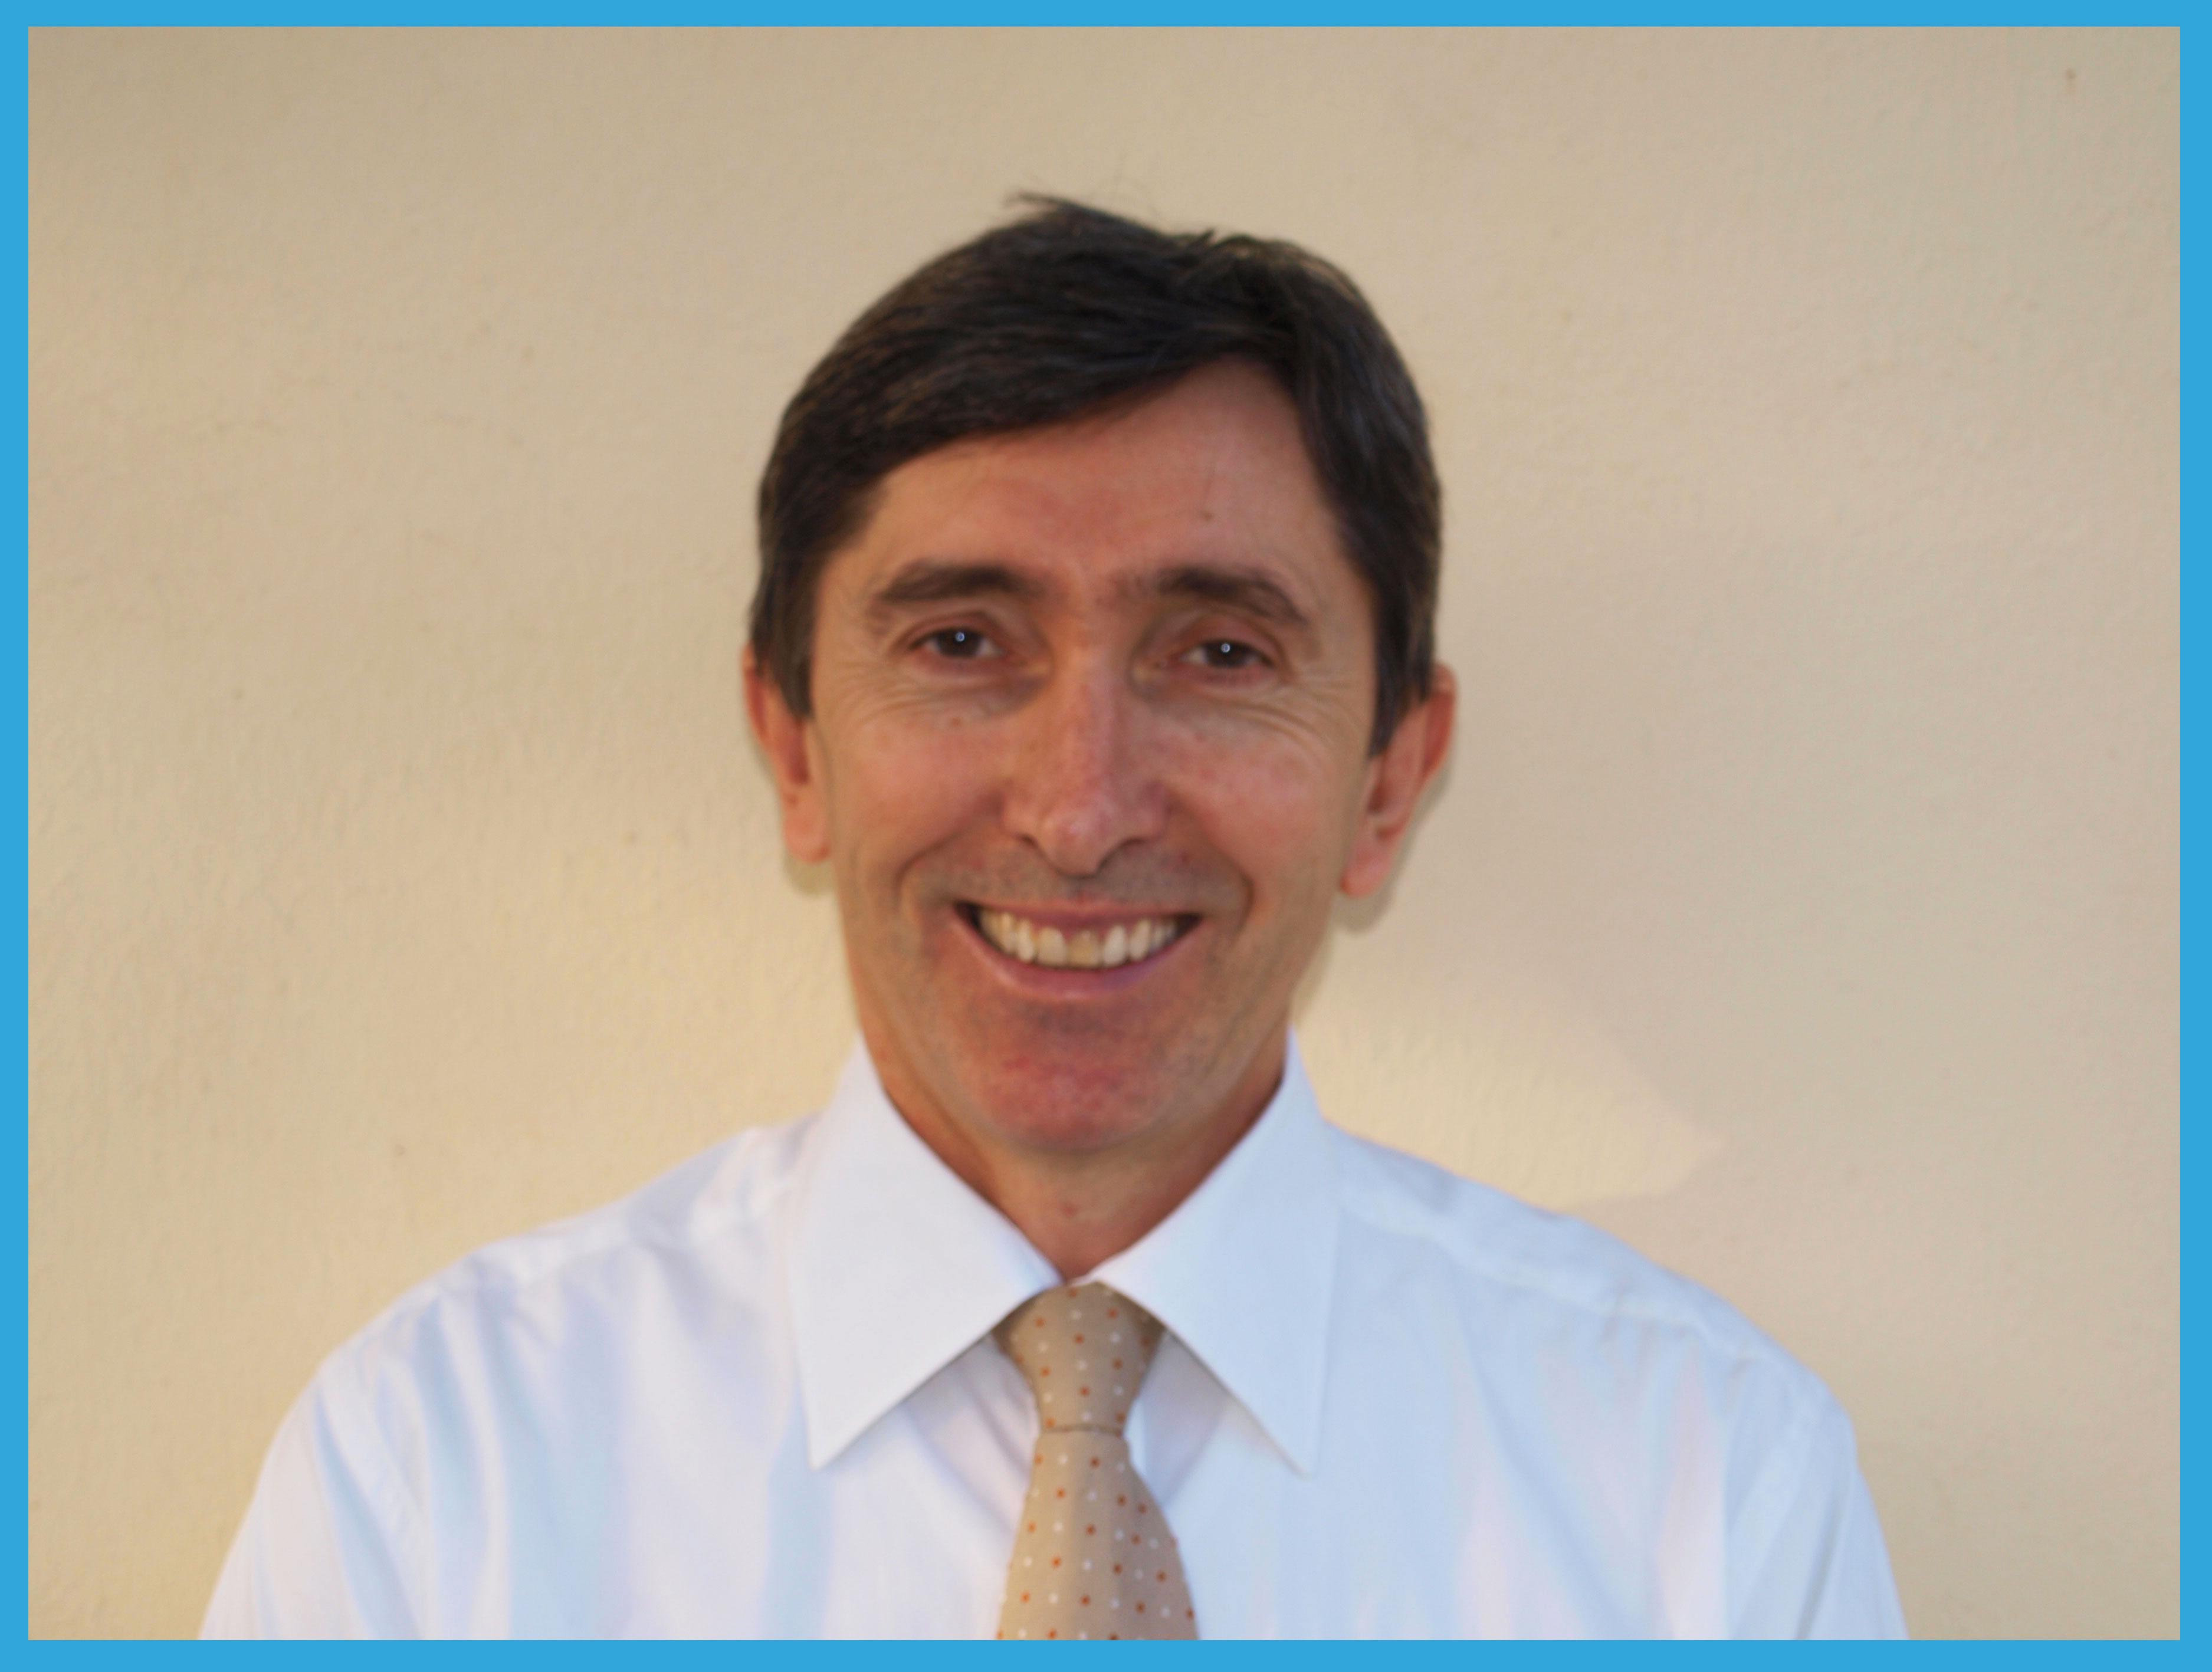 dr le gall ophtalmologiste au centre ophtalmologie nouveau